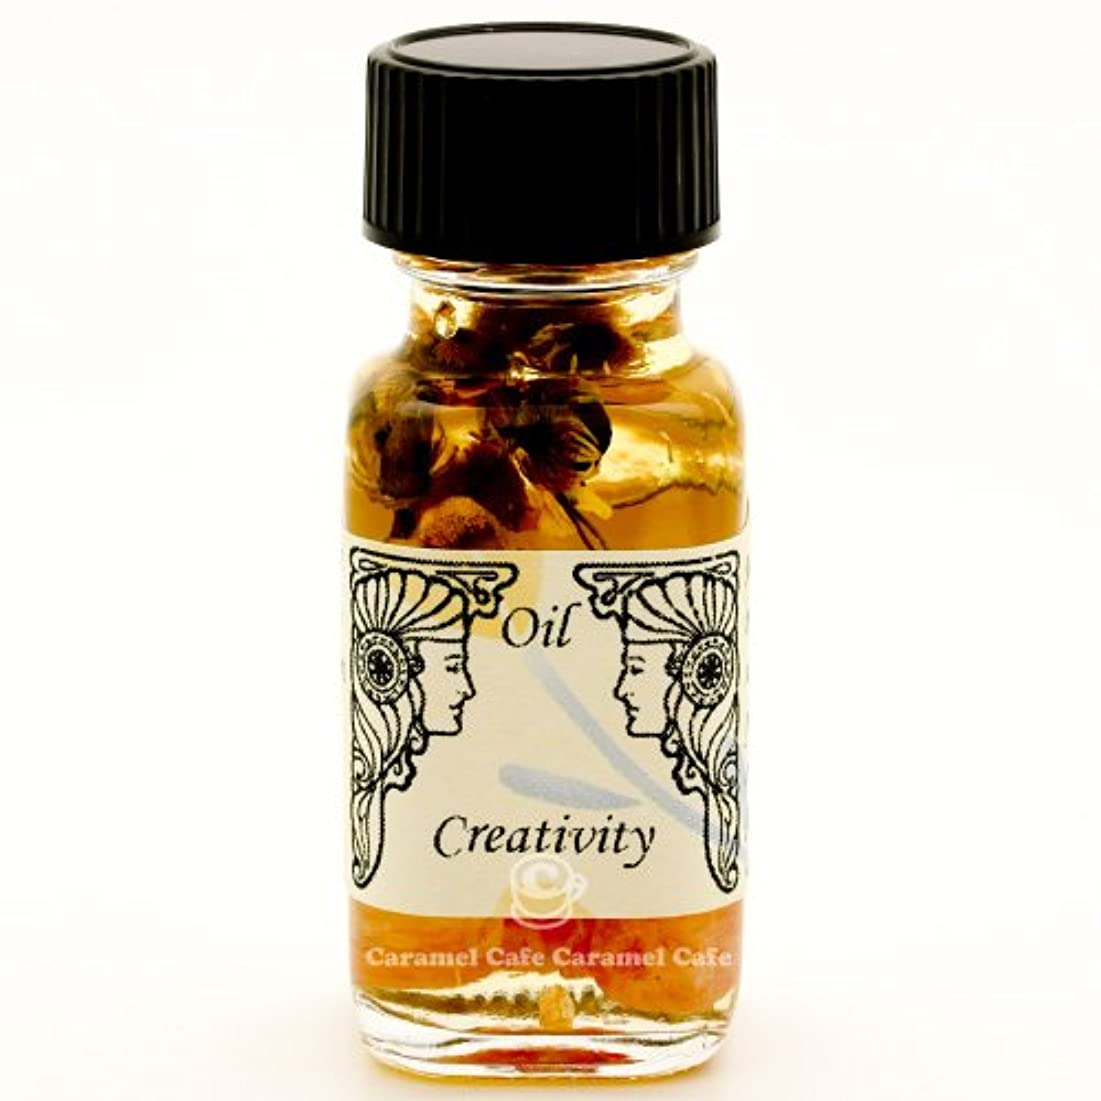 干渉する意味のある仕立て屋SEDONA Ancient Memory Oils セドナ アンシェントメモリーオイル 2016年新作オイル Creativityクリエイティビティ~創造力~ 15ml